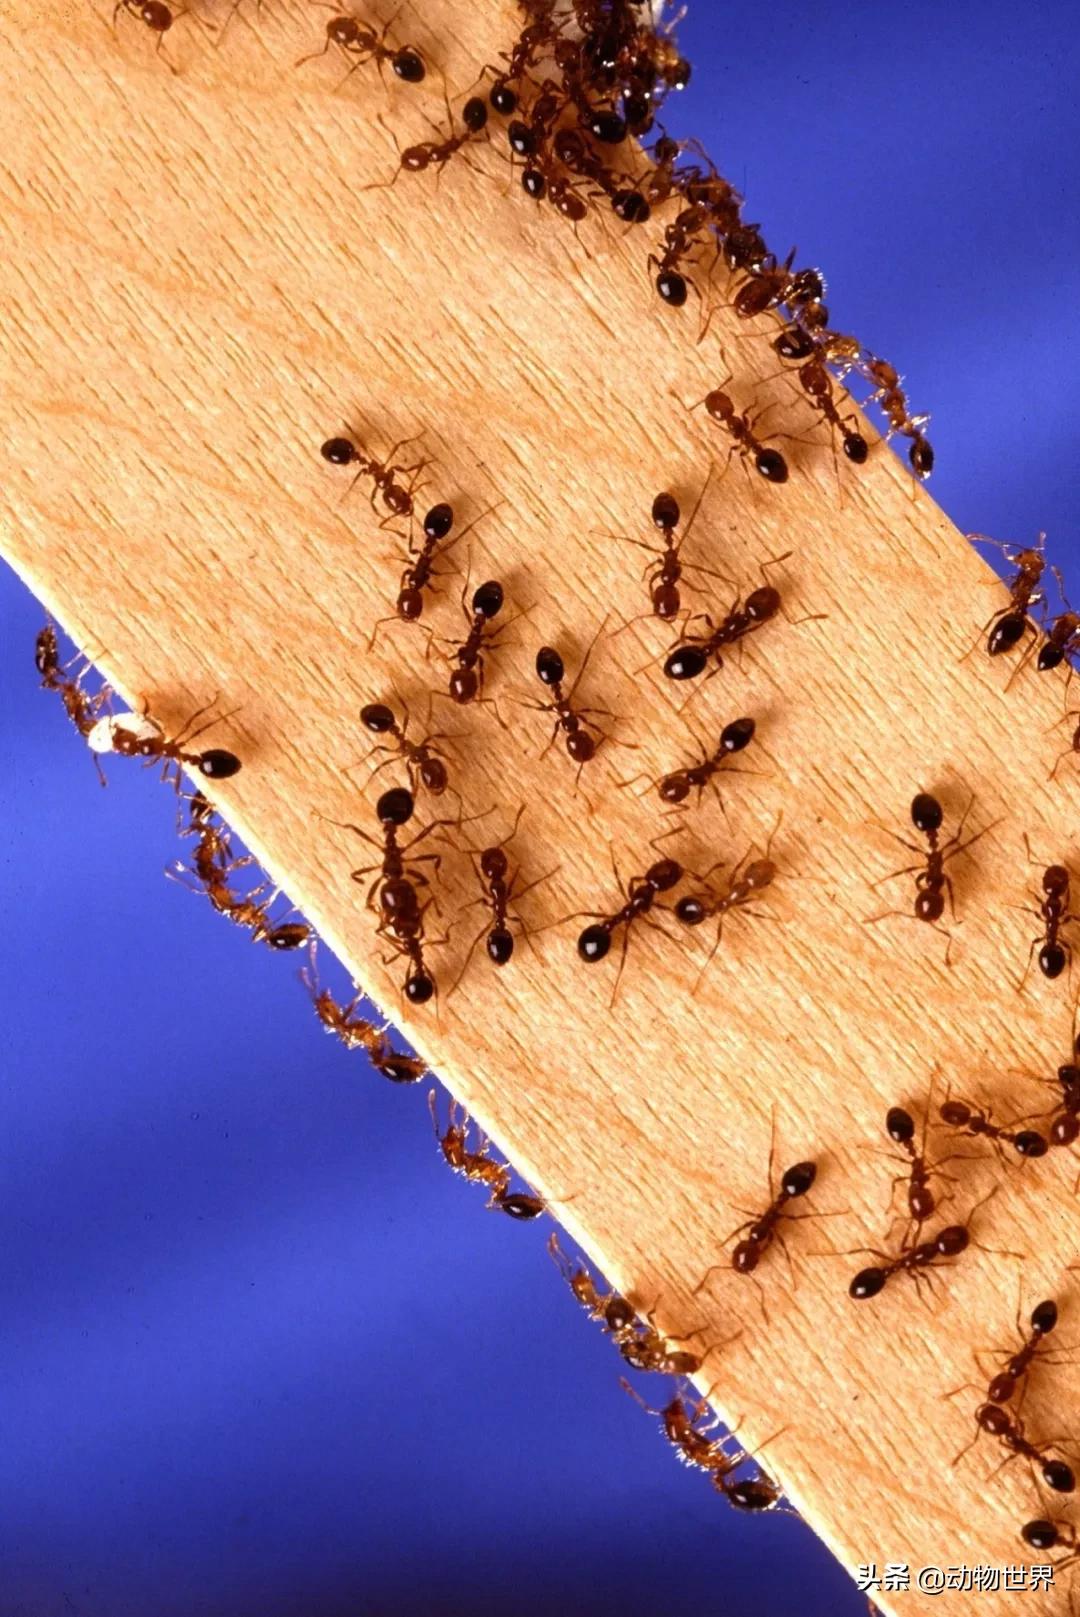 蚂蚁的样子描写-蚂蚁的特点和生活特征和外形